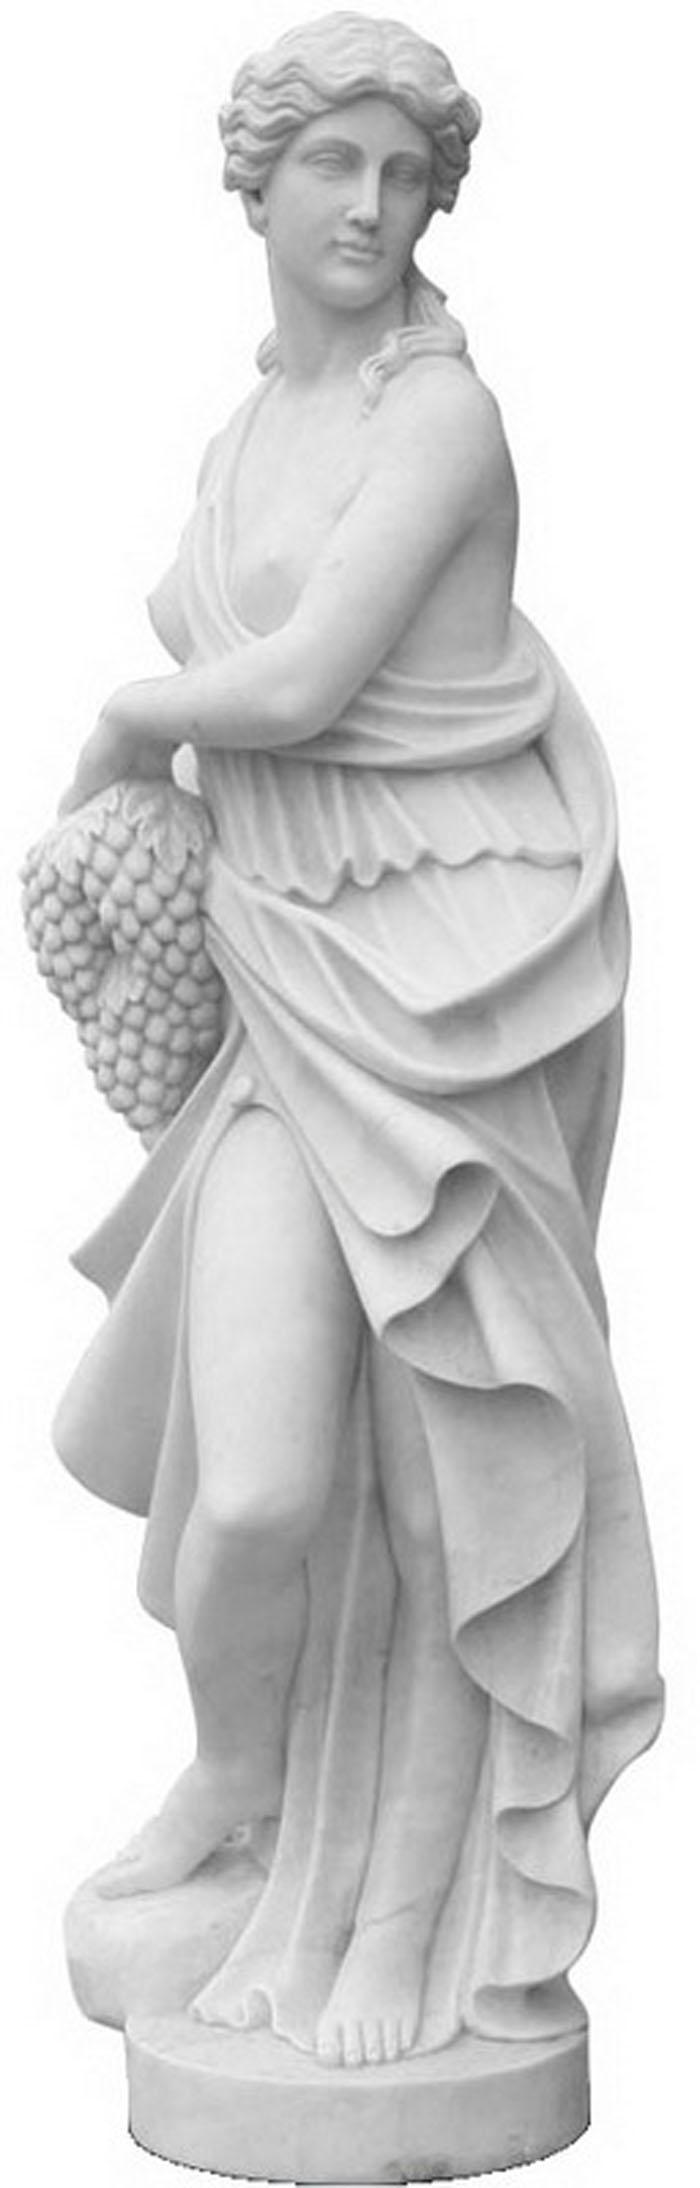 艺术雕像 (1).jpg